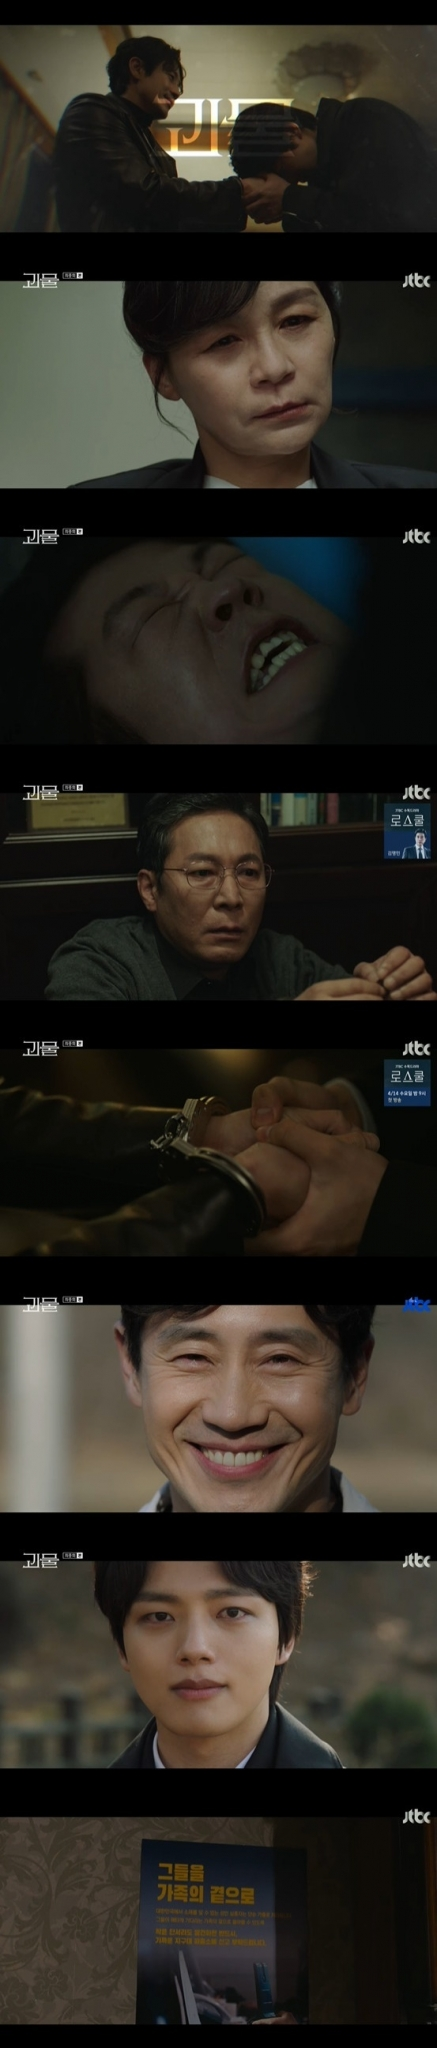 JTBC '괴물' 방송 화면 캡처 © 뉴스1